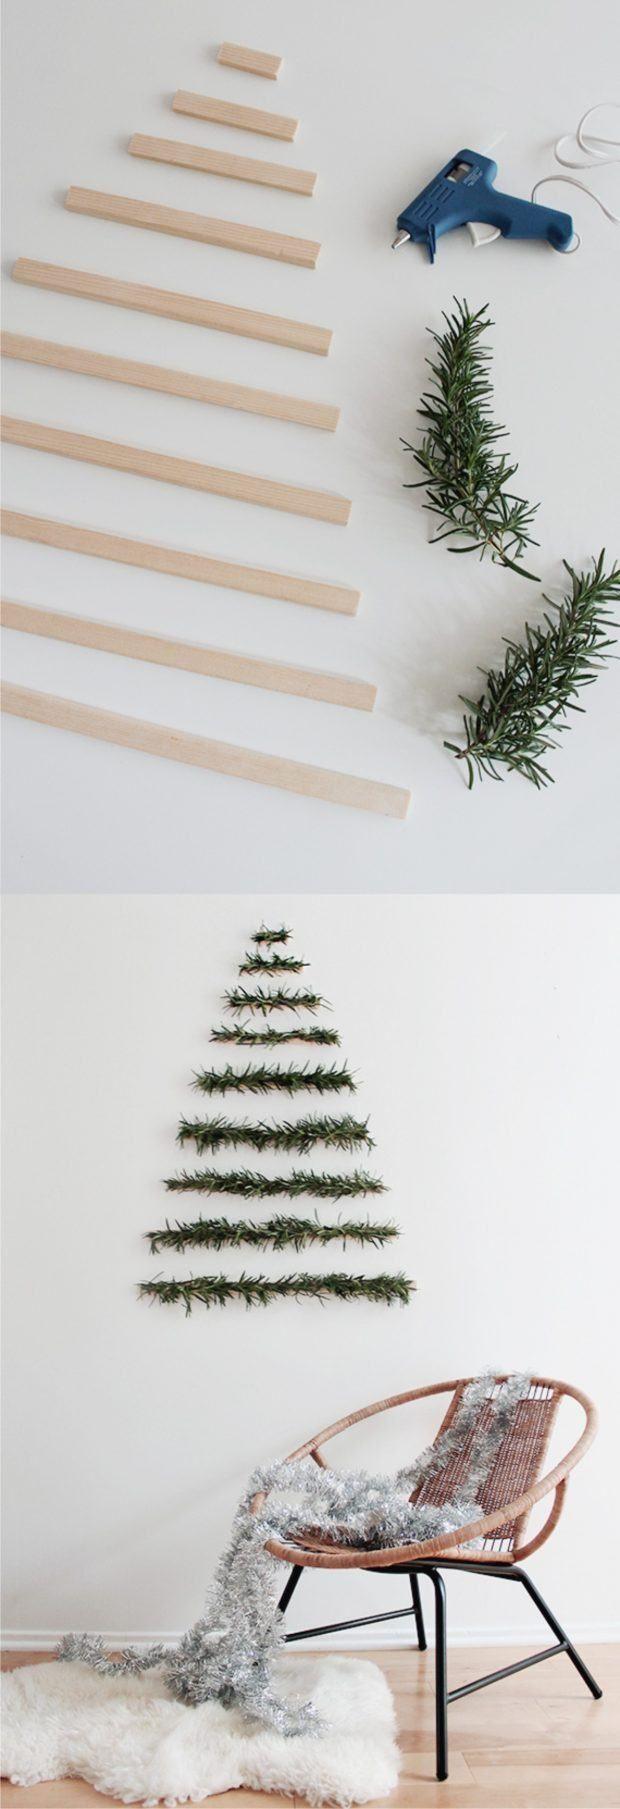 Árbol de navidad fácil y moderno -almostmakesperfect.com                                                                                                                                                                                 Más